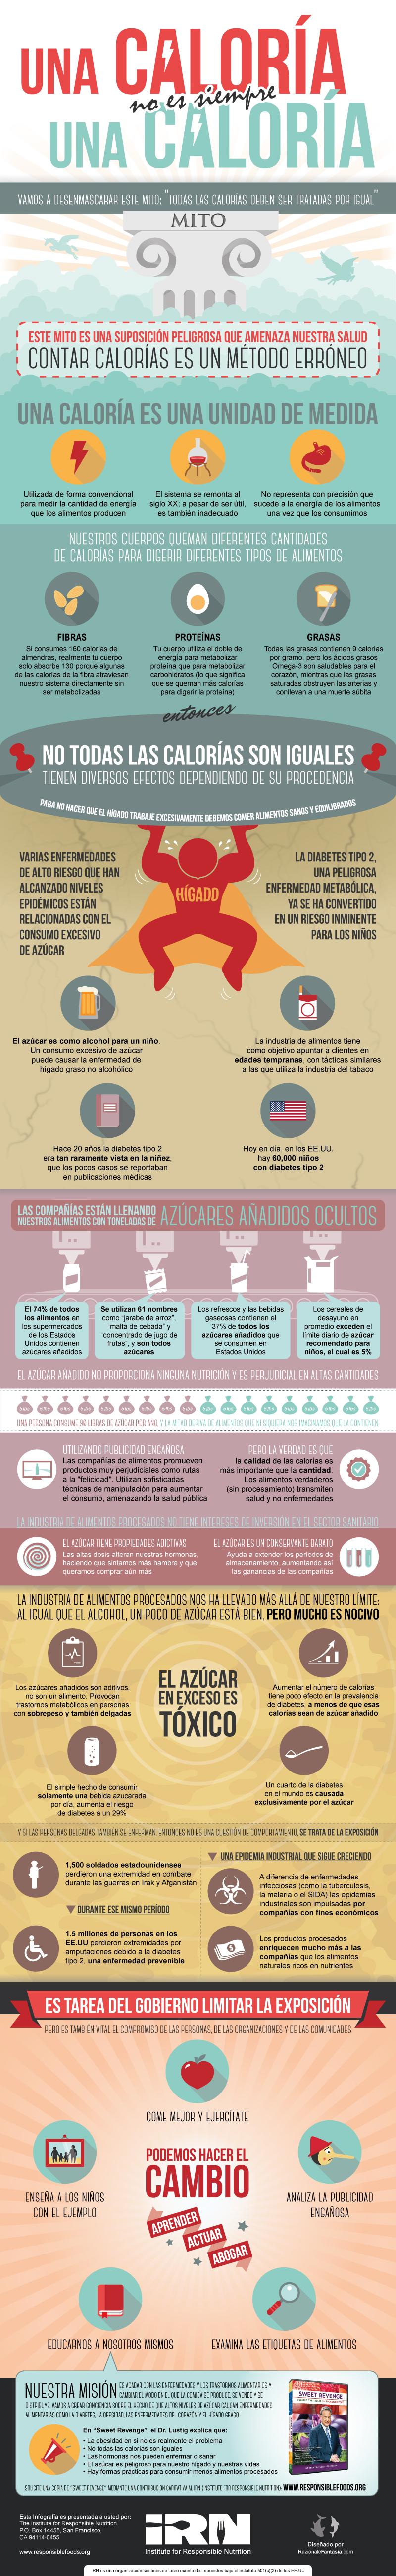 Infographic_IRN_Spanish.jpg